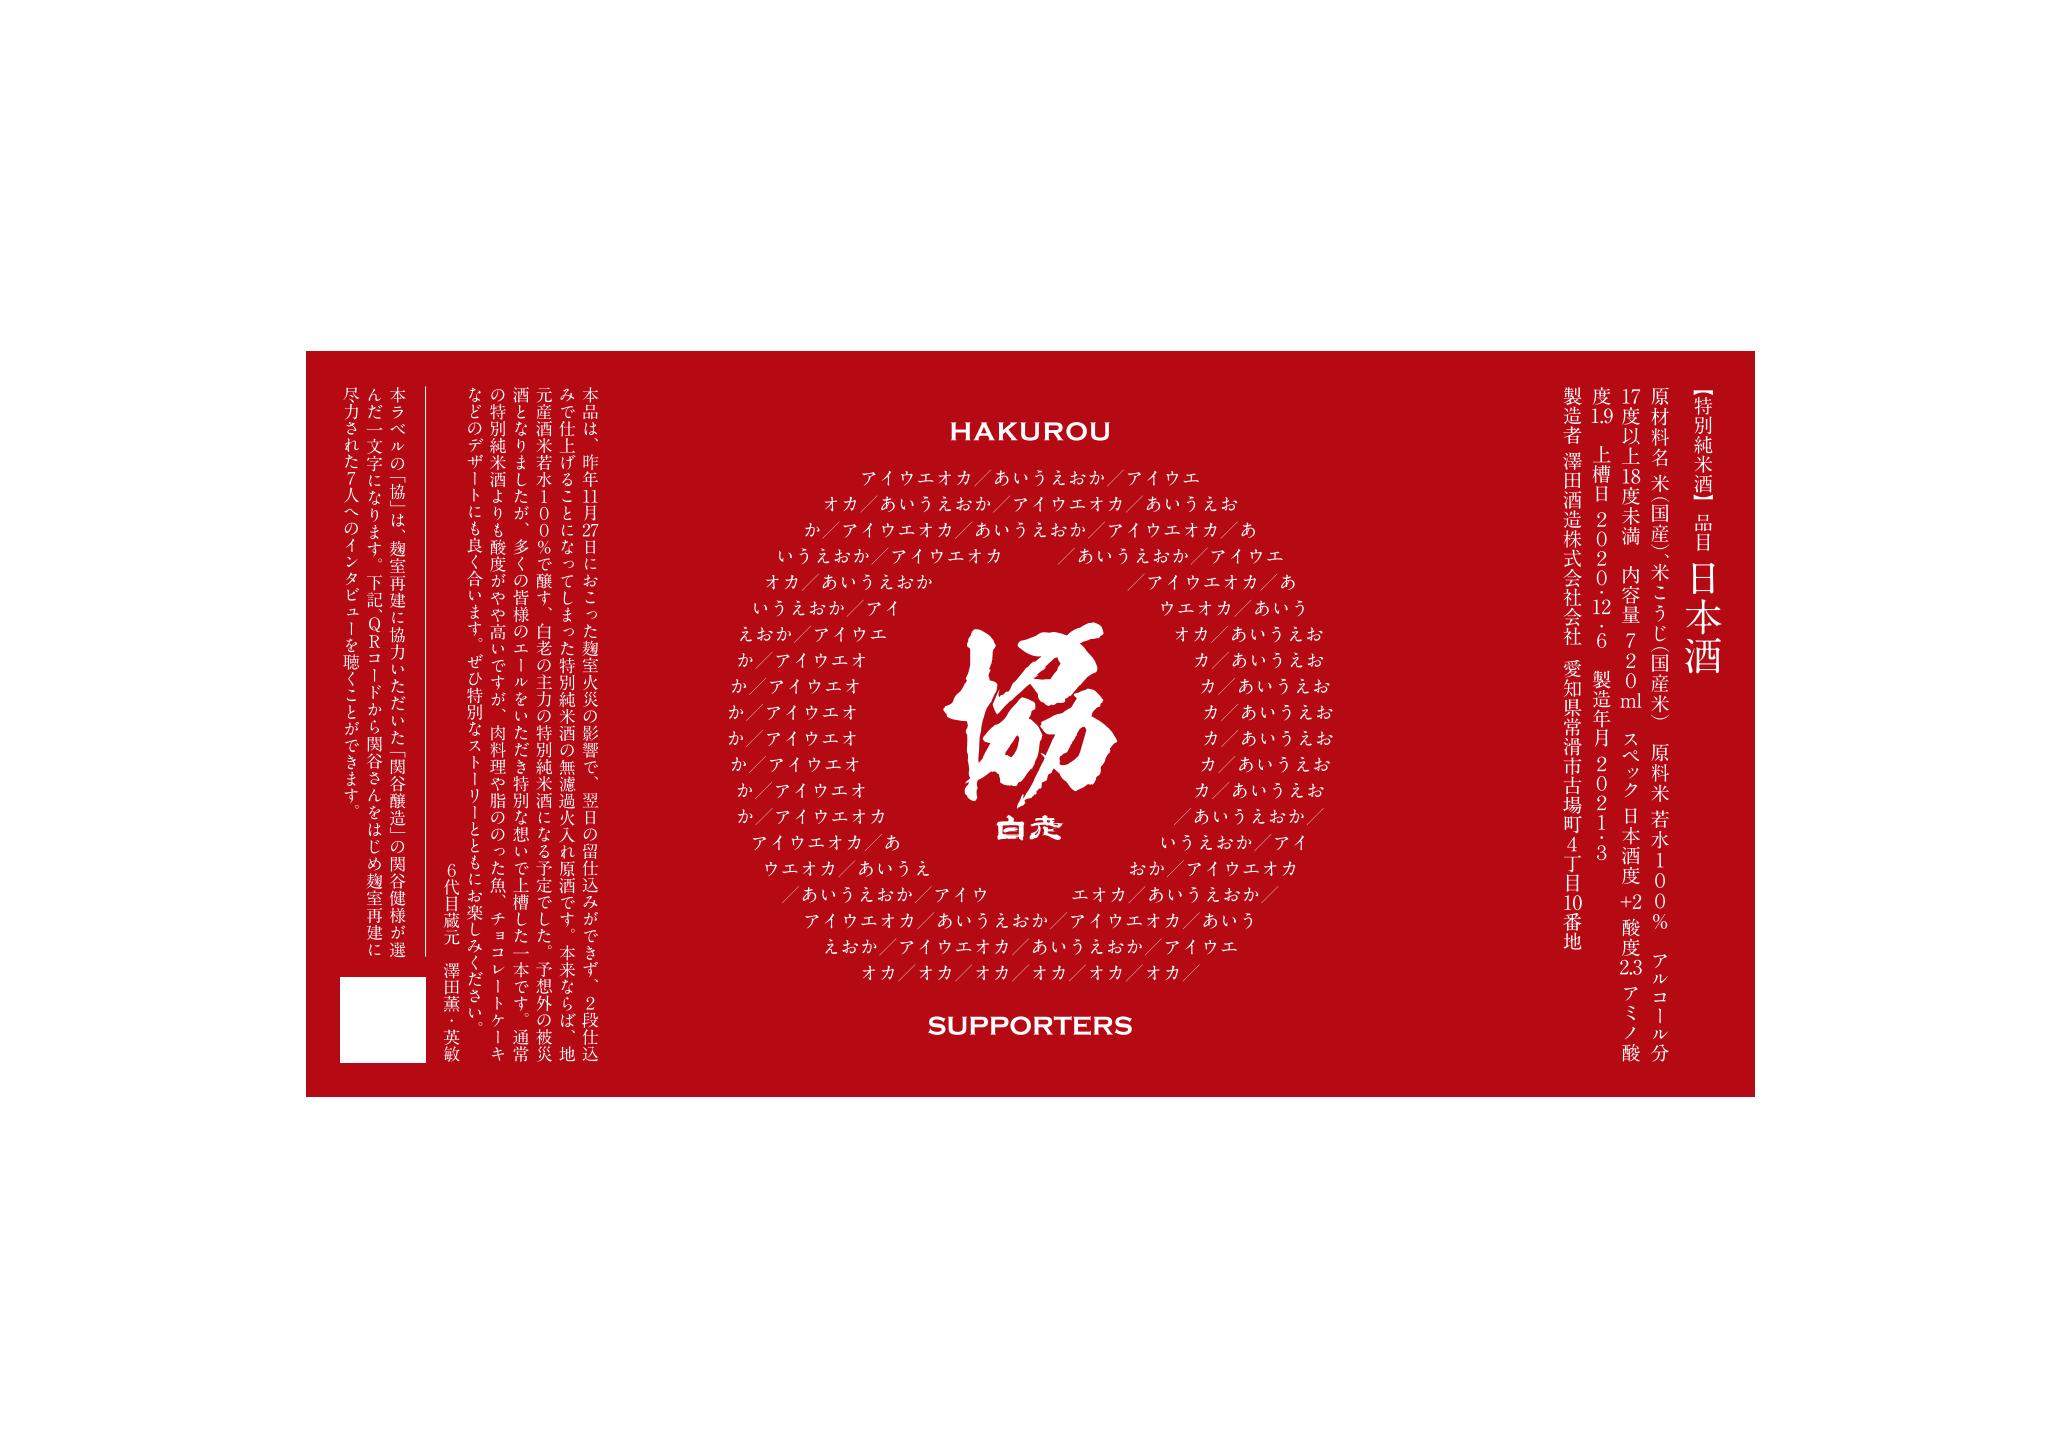 澤田酒造 、昨年の火災のために『二段仕込み』となった 特別純米酒 無濾過火入れ原酒に サポーターの名前がラベルに入る七色応援ラベル瓶を 期間・本数限定で予約受付